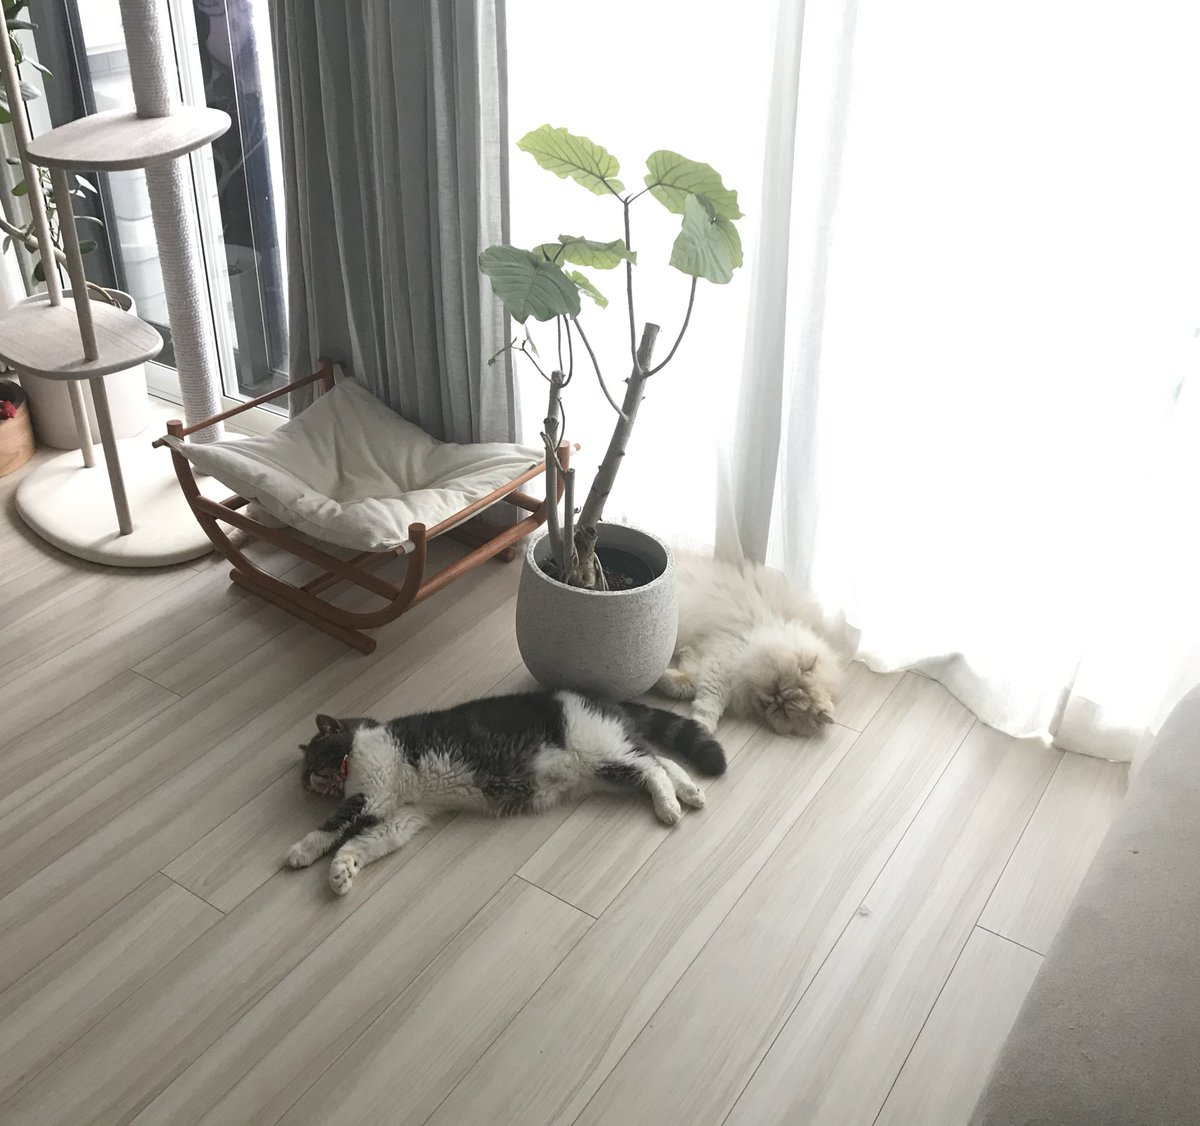 shishimaru「尻尾で遊ぶ猫だよ!  =  I'm a cat playing with a cat's tail!」  #尻尾で遊ぶ猫 #猫 #ねこ #ネコ #にゃんすたぐらむ #エキゾチックショートヘア #ペルシャ猫 #tail #cat #catstagram #catphoto #catpic #catlife #catlove #dailycat #instacat #meow #exoticshorthaircat #persiancat https://t.co/D3VZUTTfpQ